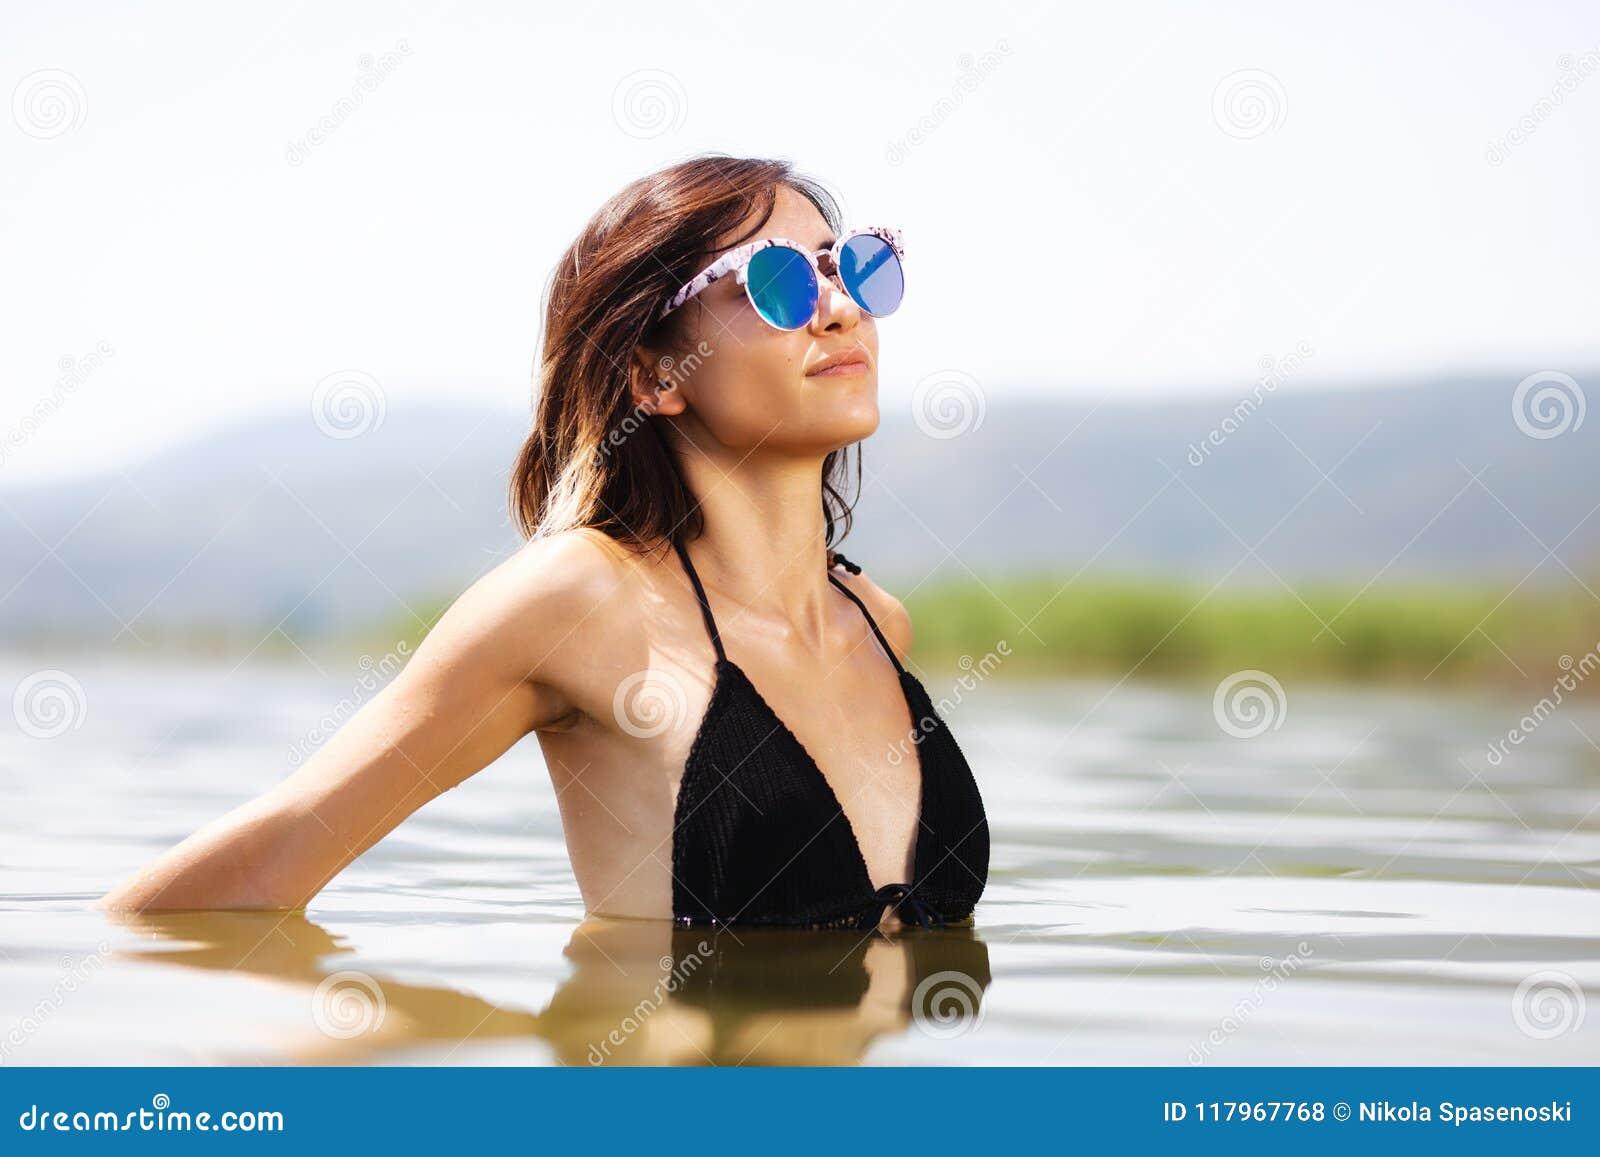 Без сексуальные девушки в воде фото